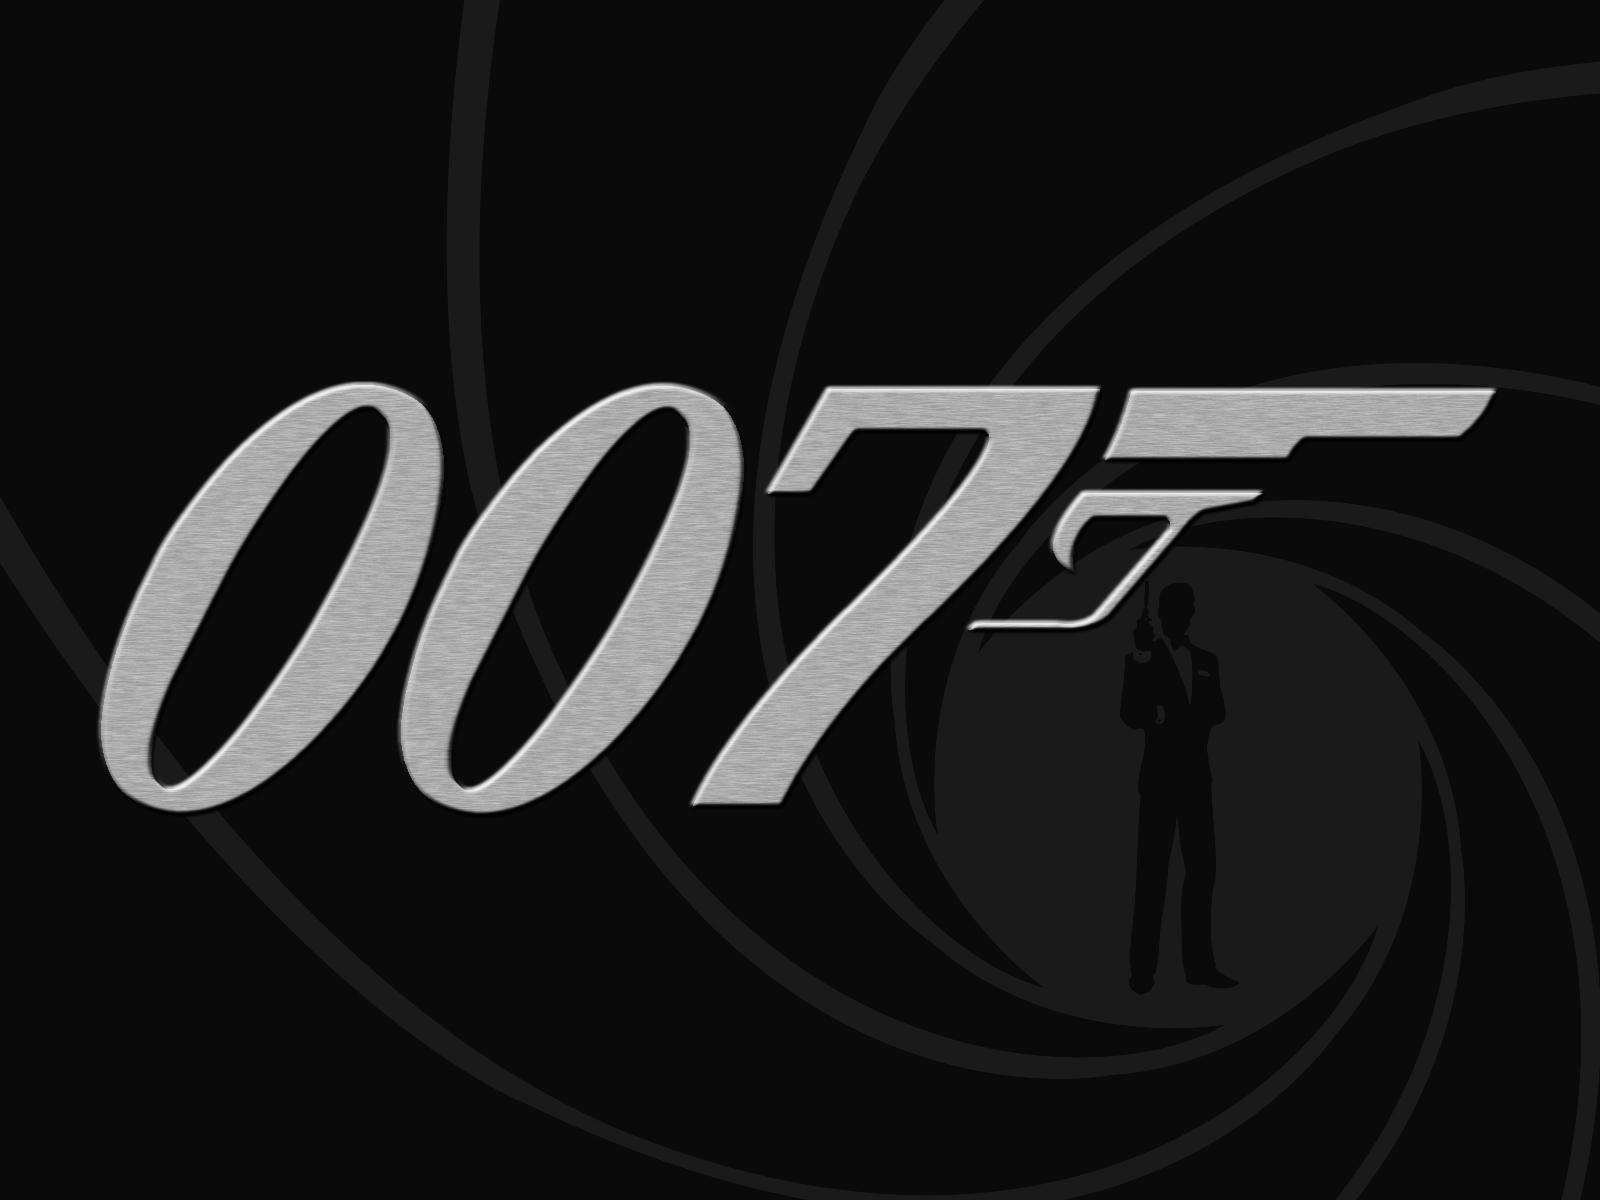 007 logo silver by wolverine080976 on deviantart